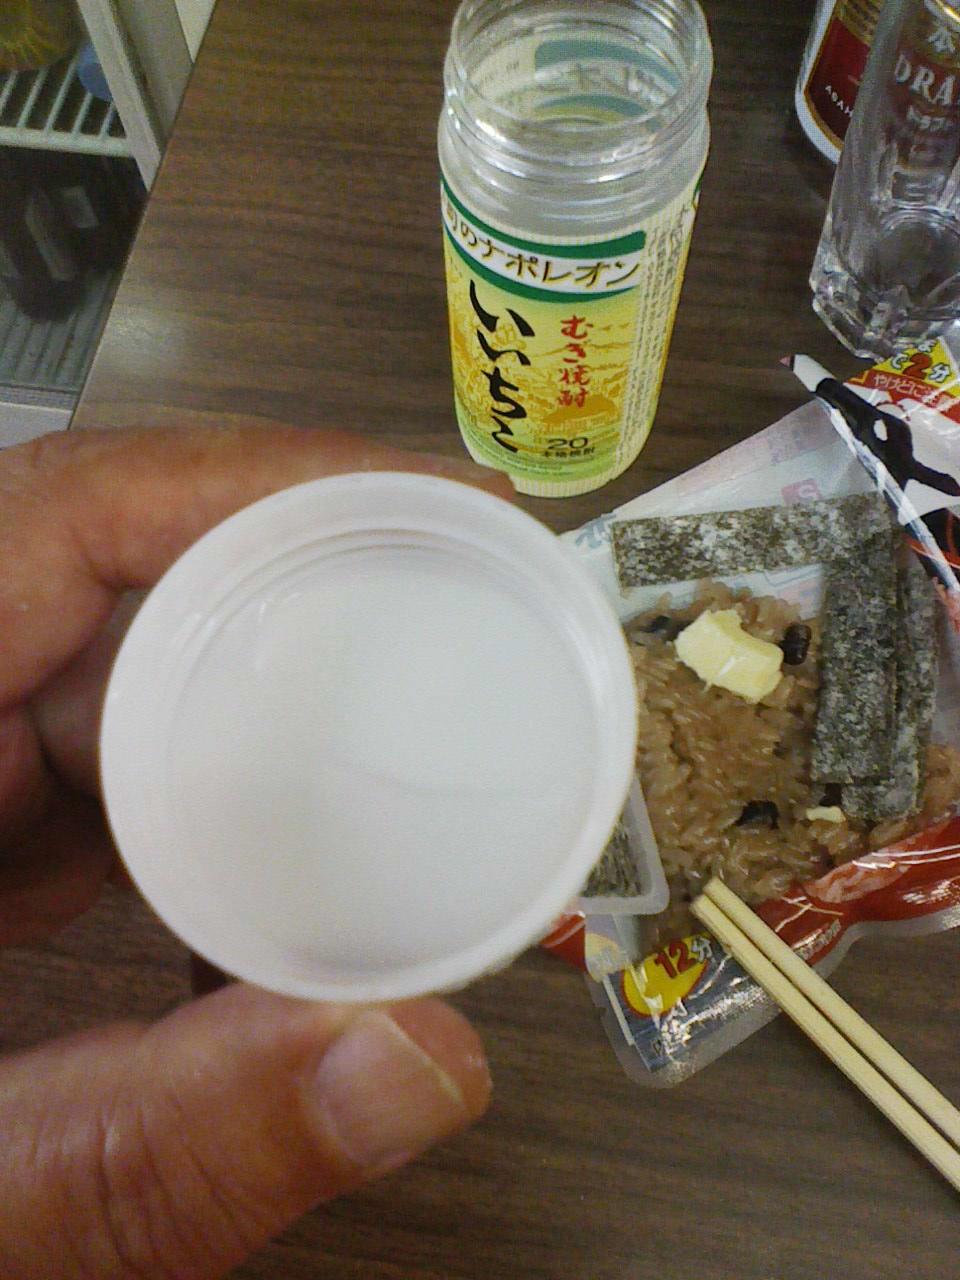 「よっちゃん」の味わい。角打ちは大人の駄菓子屋_c0061686_640992.jpg